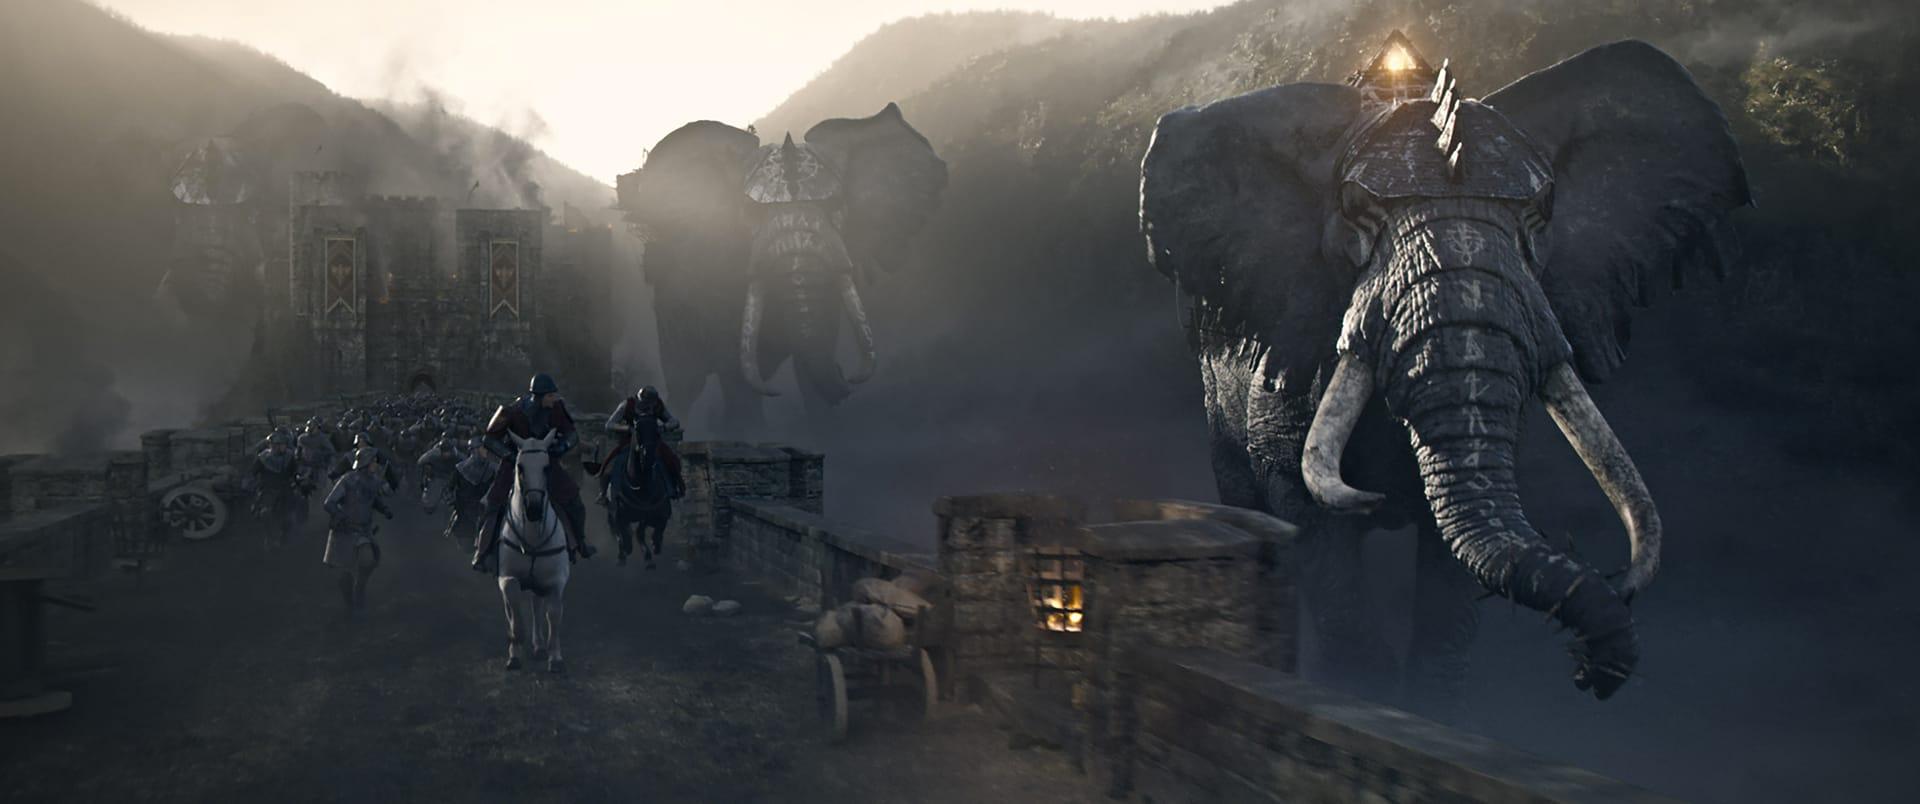 El arranque de la película, típica set piece del cine de acción actual